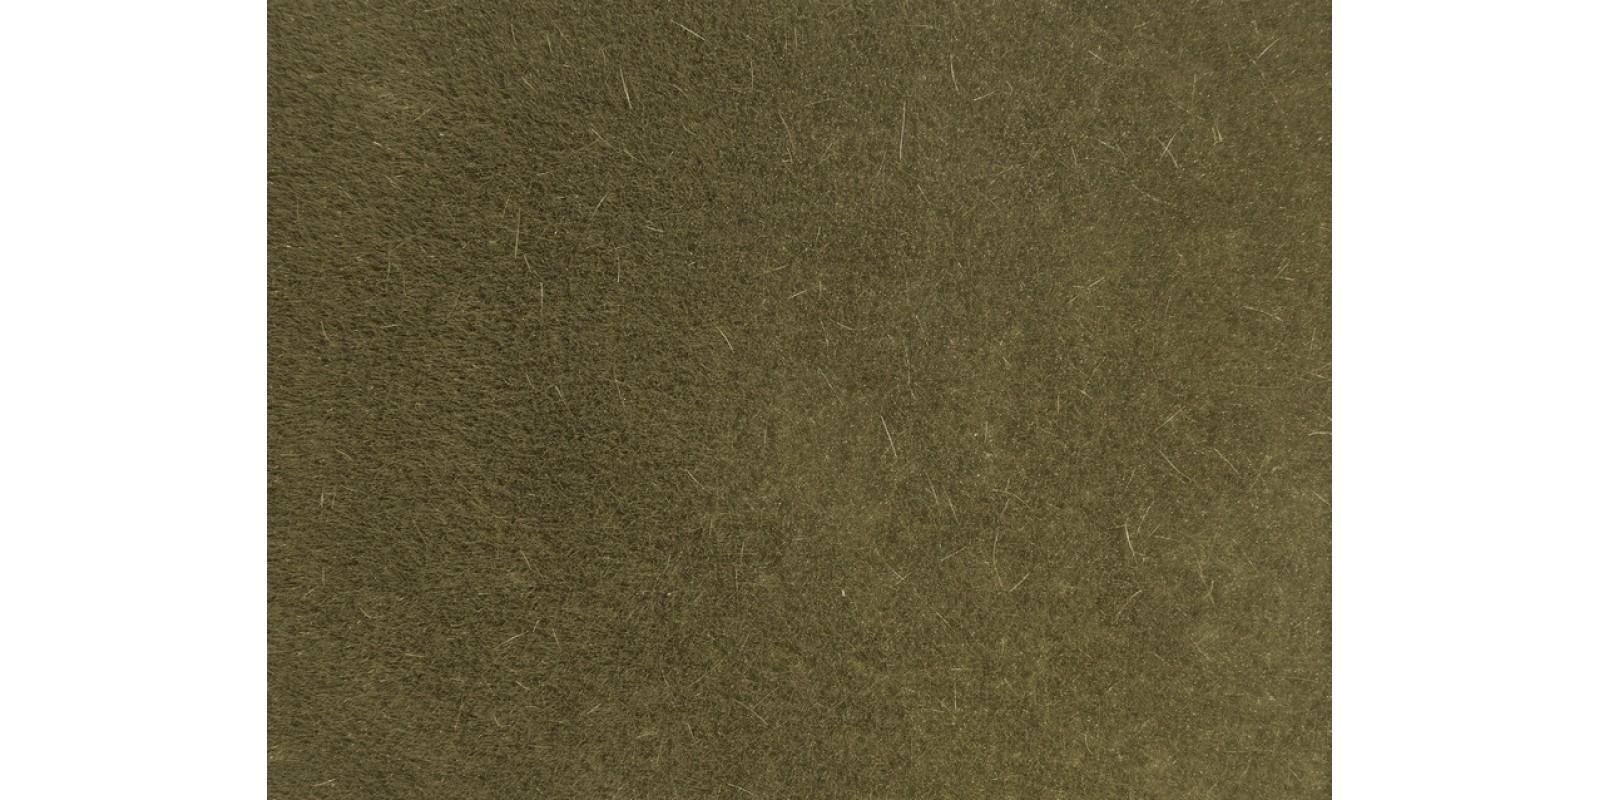 NO07122 Wild Grass, brown